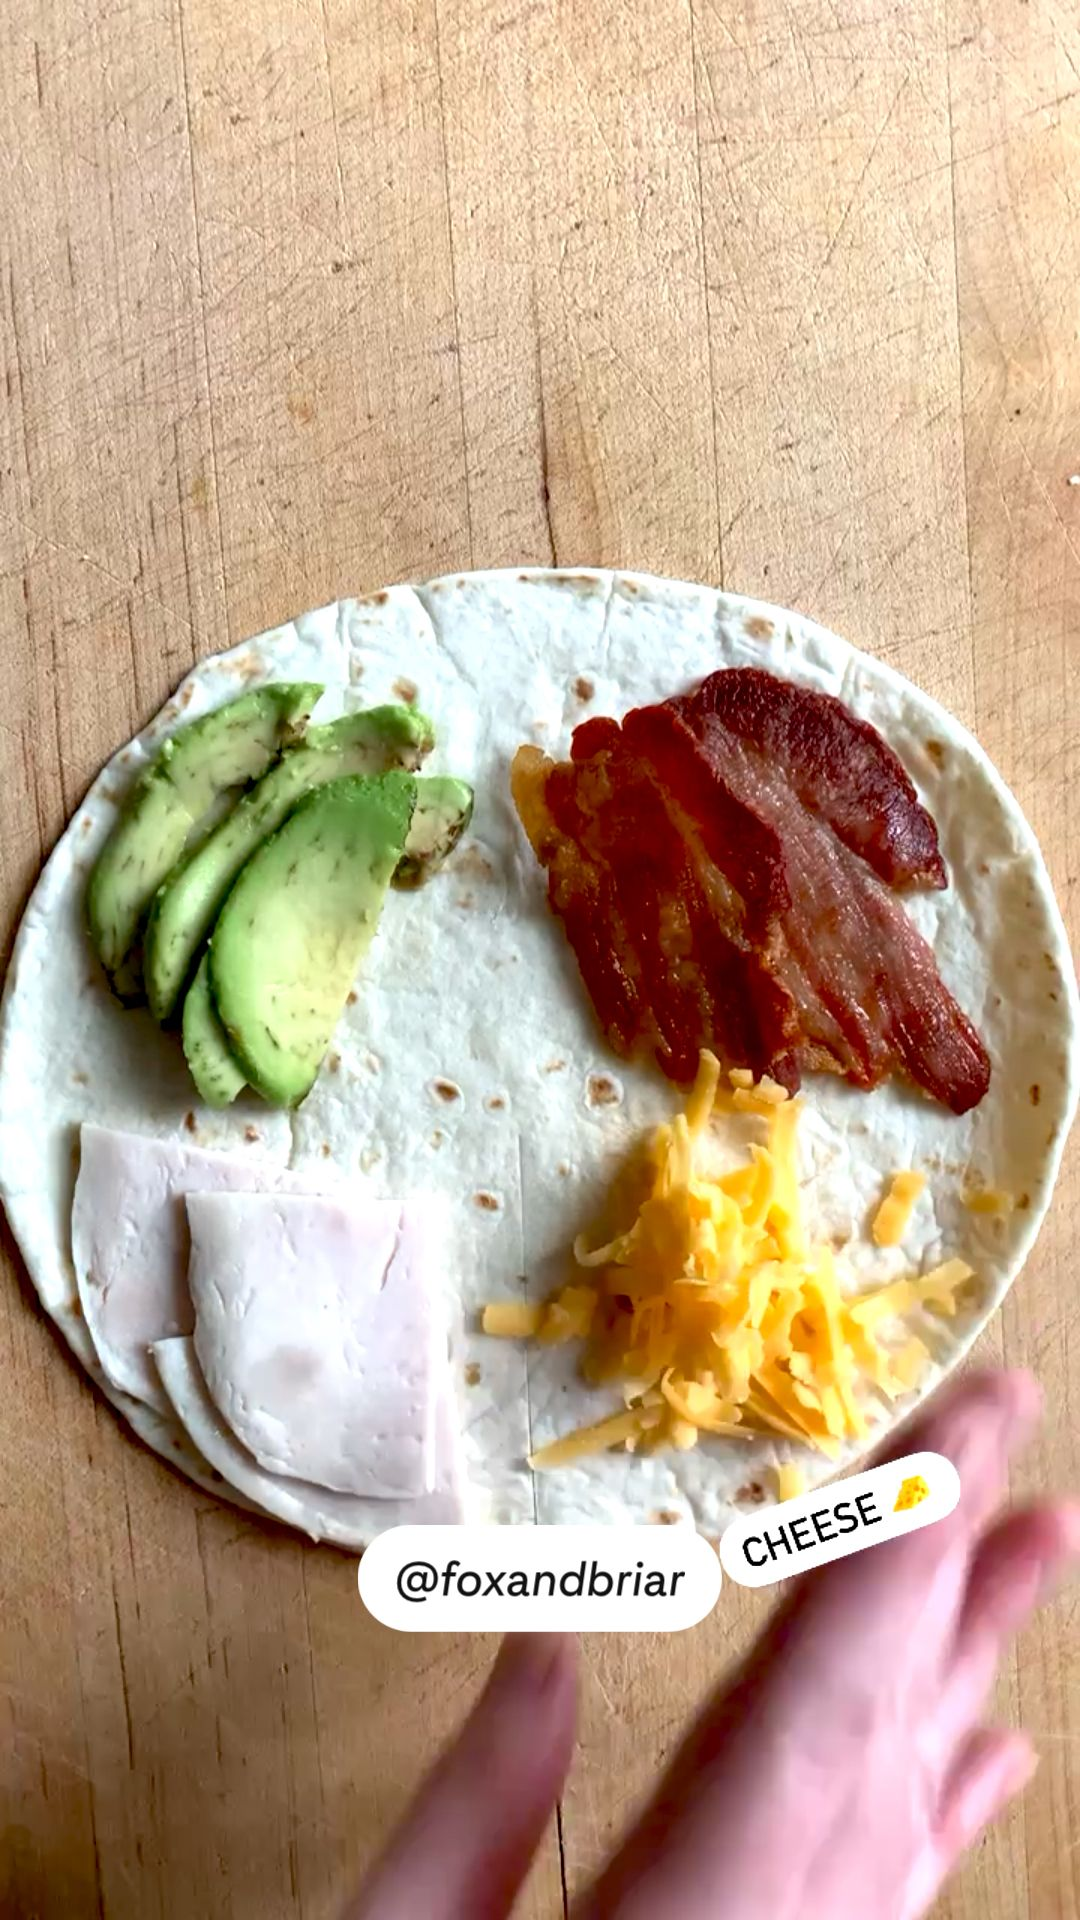 Turkey Bacon Avocado quesadilla